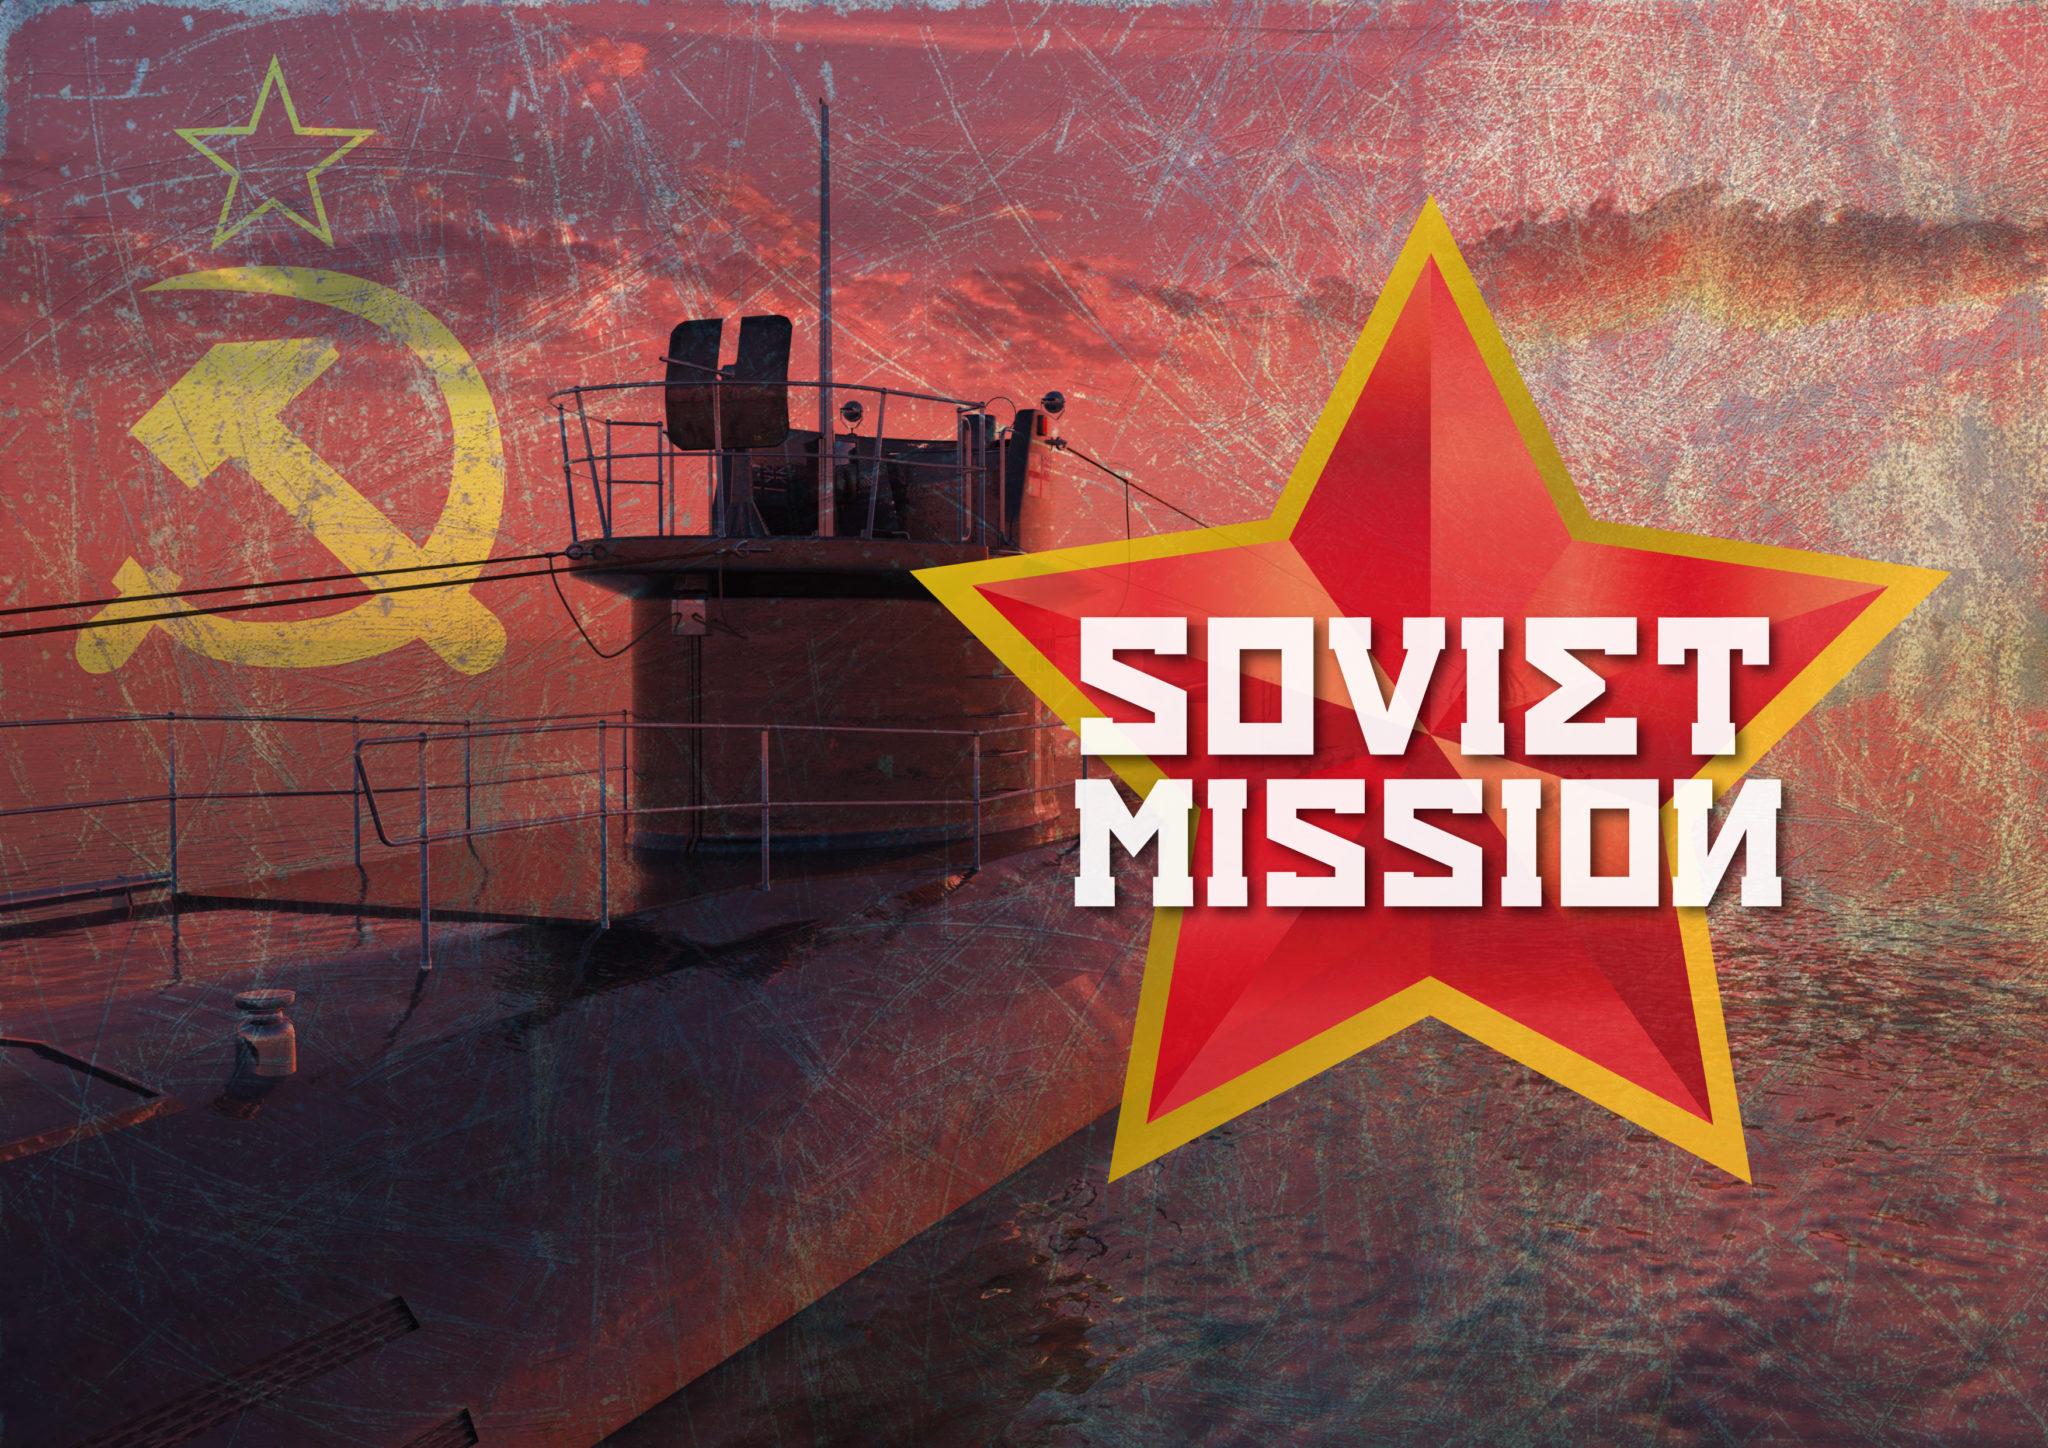 SOVIET MISSION